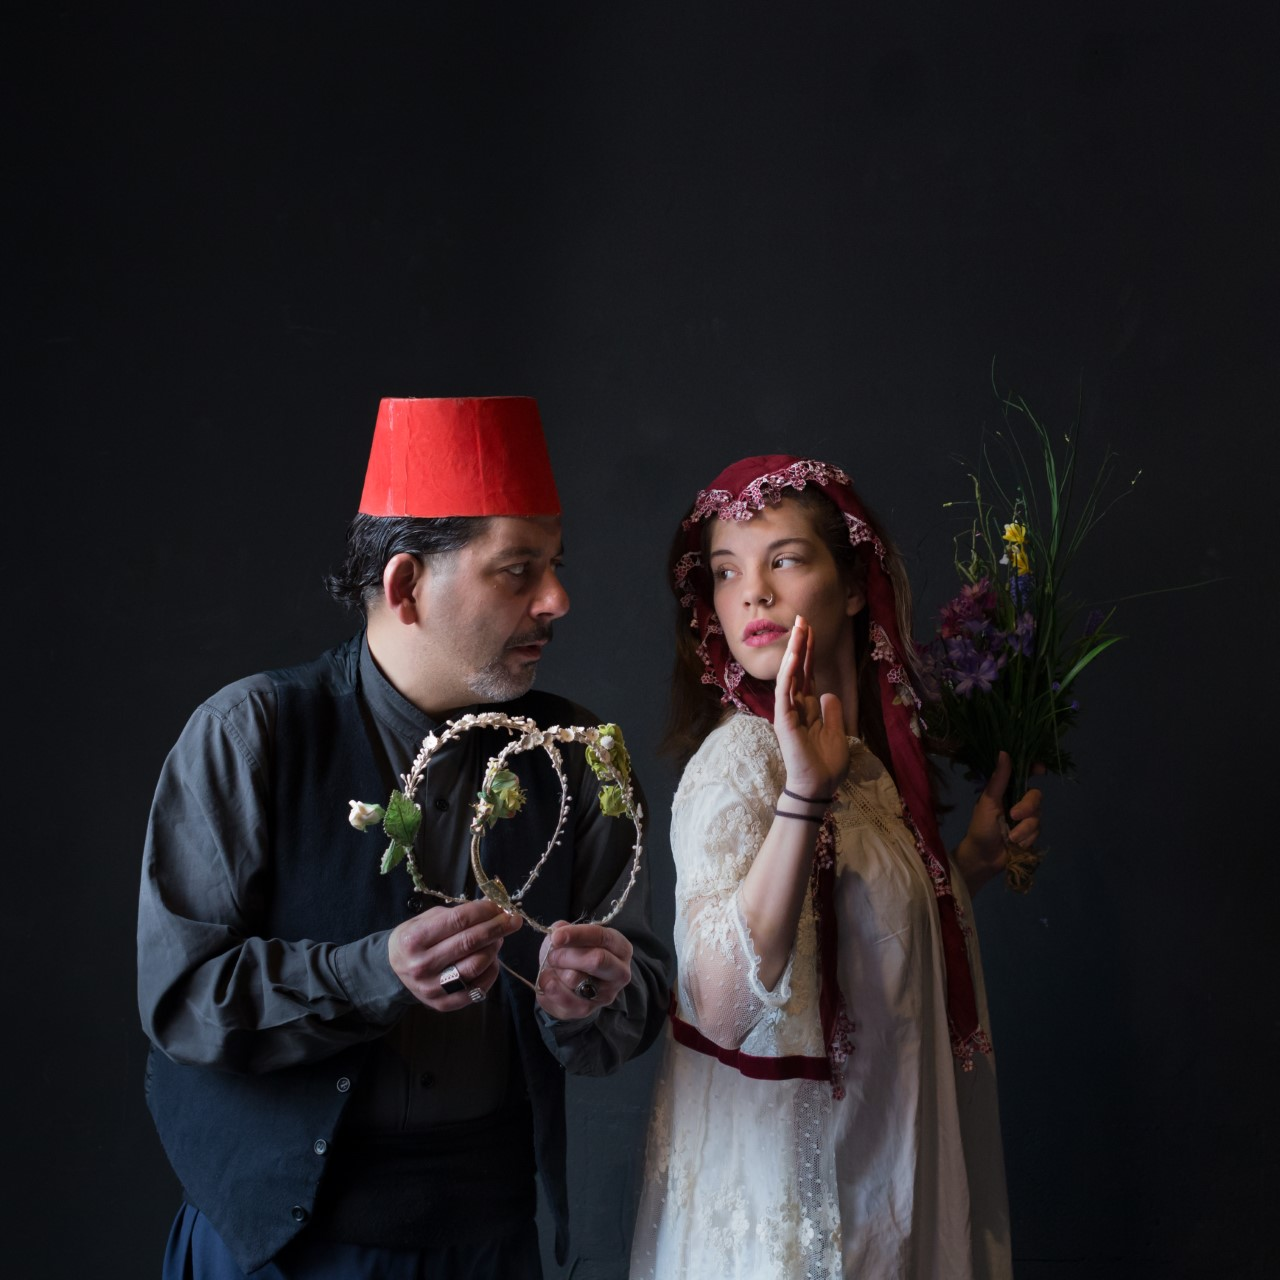 «Ο γάμος του Καραχμέτη» την Τετάρτη 23 Μαΐου στη Λάρισα, στο Θεσσαλικό Θέατρο